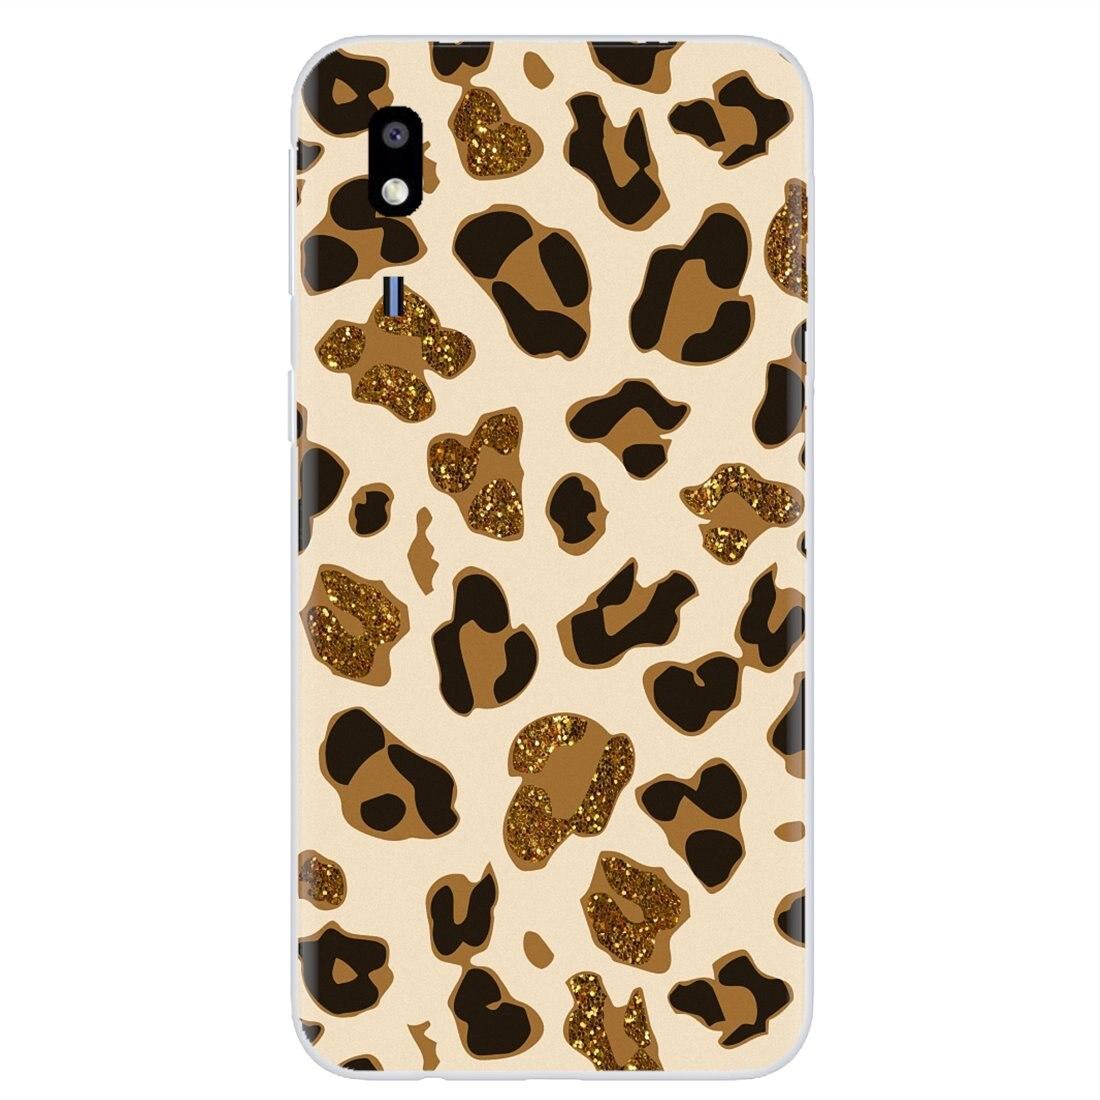 Polka Dots For Motorola Moto G G2 G3 X4 E4 E5 G5 G5S G6 Z Z2 Z3 C Play Plus Personalized Silicone Phone Case